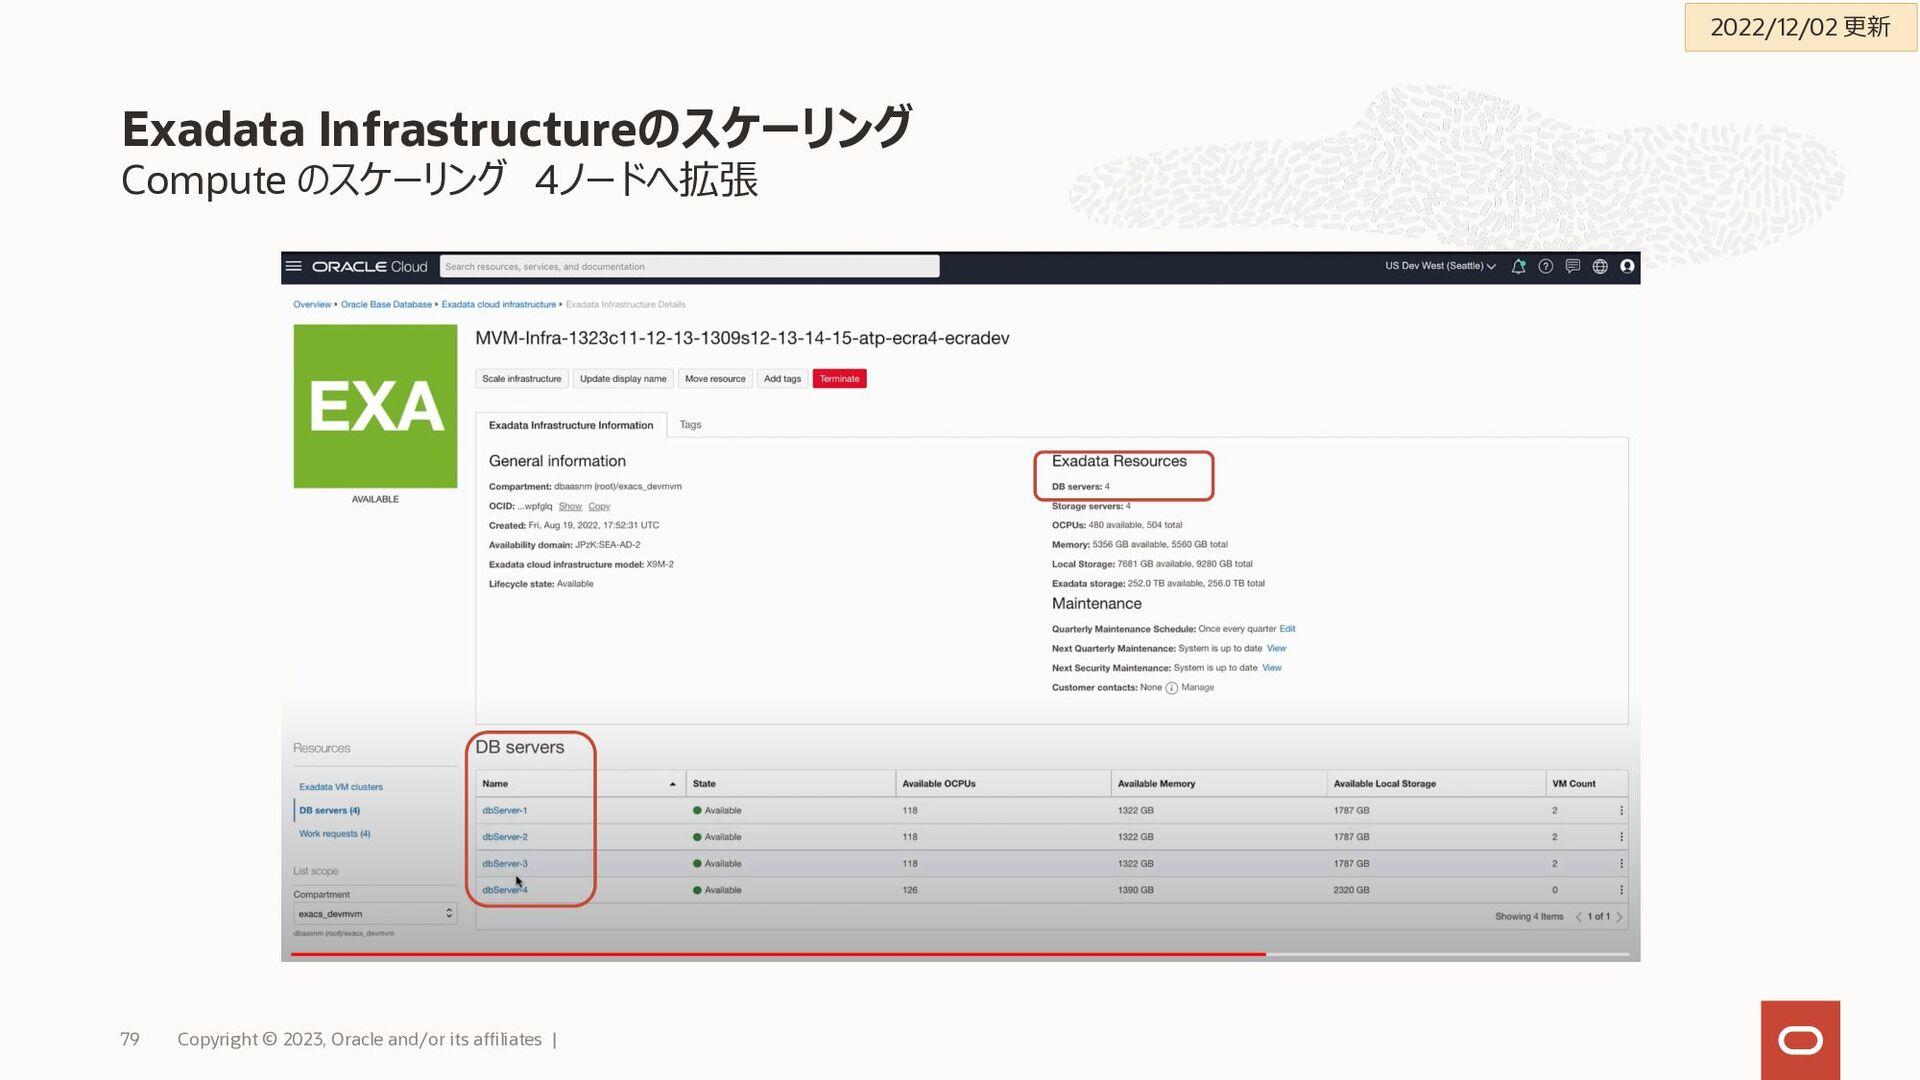 高可用性ベストプラクティスはこれまでと考え方は同様 Oracle Maximum Availa...